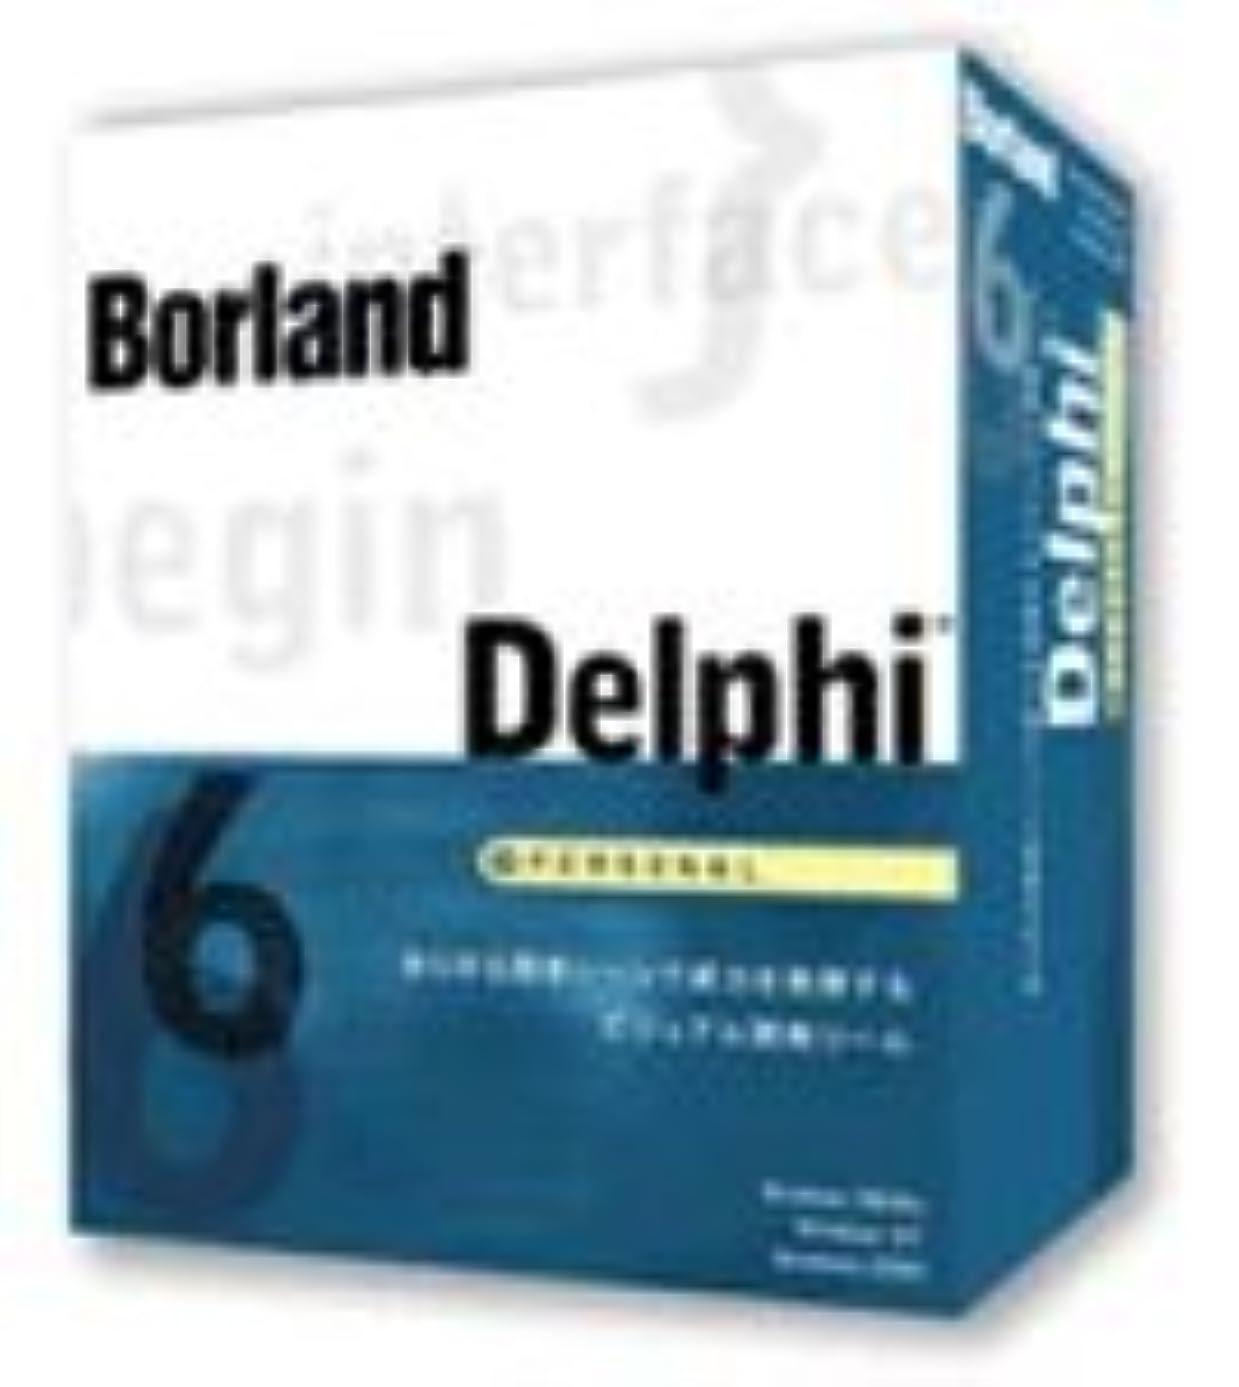 応じる宮殿減少Borland Delphi 6 Personal